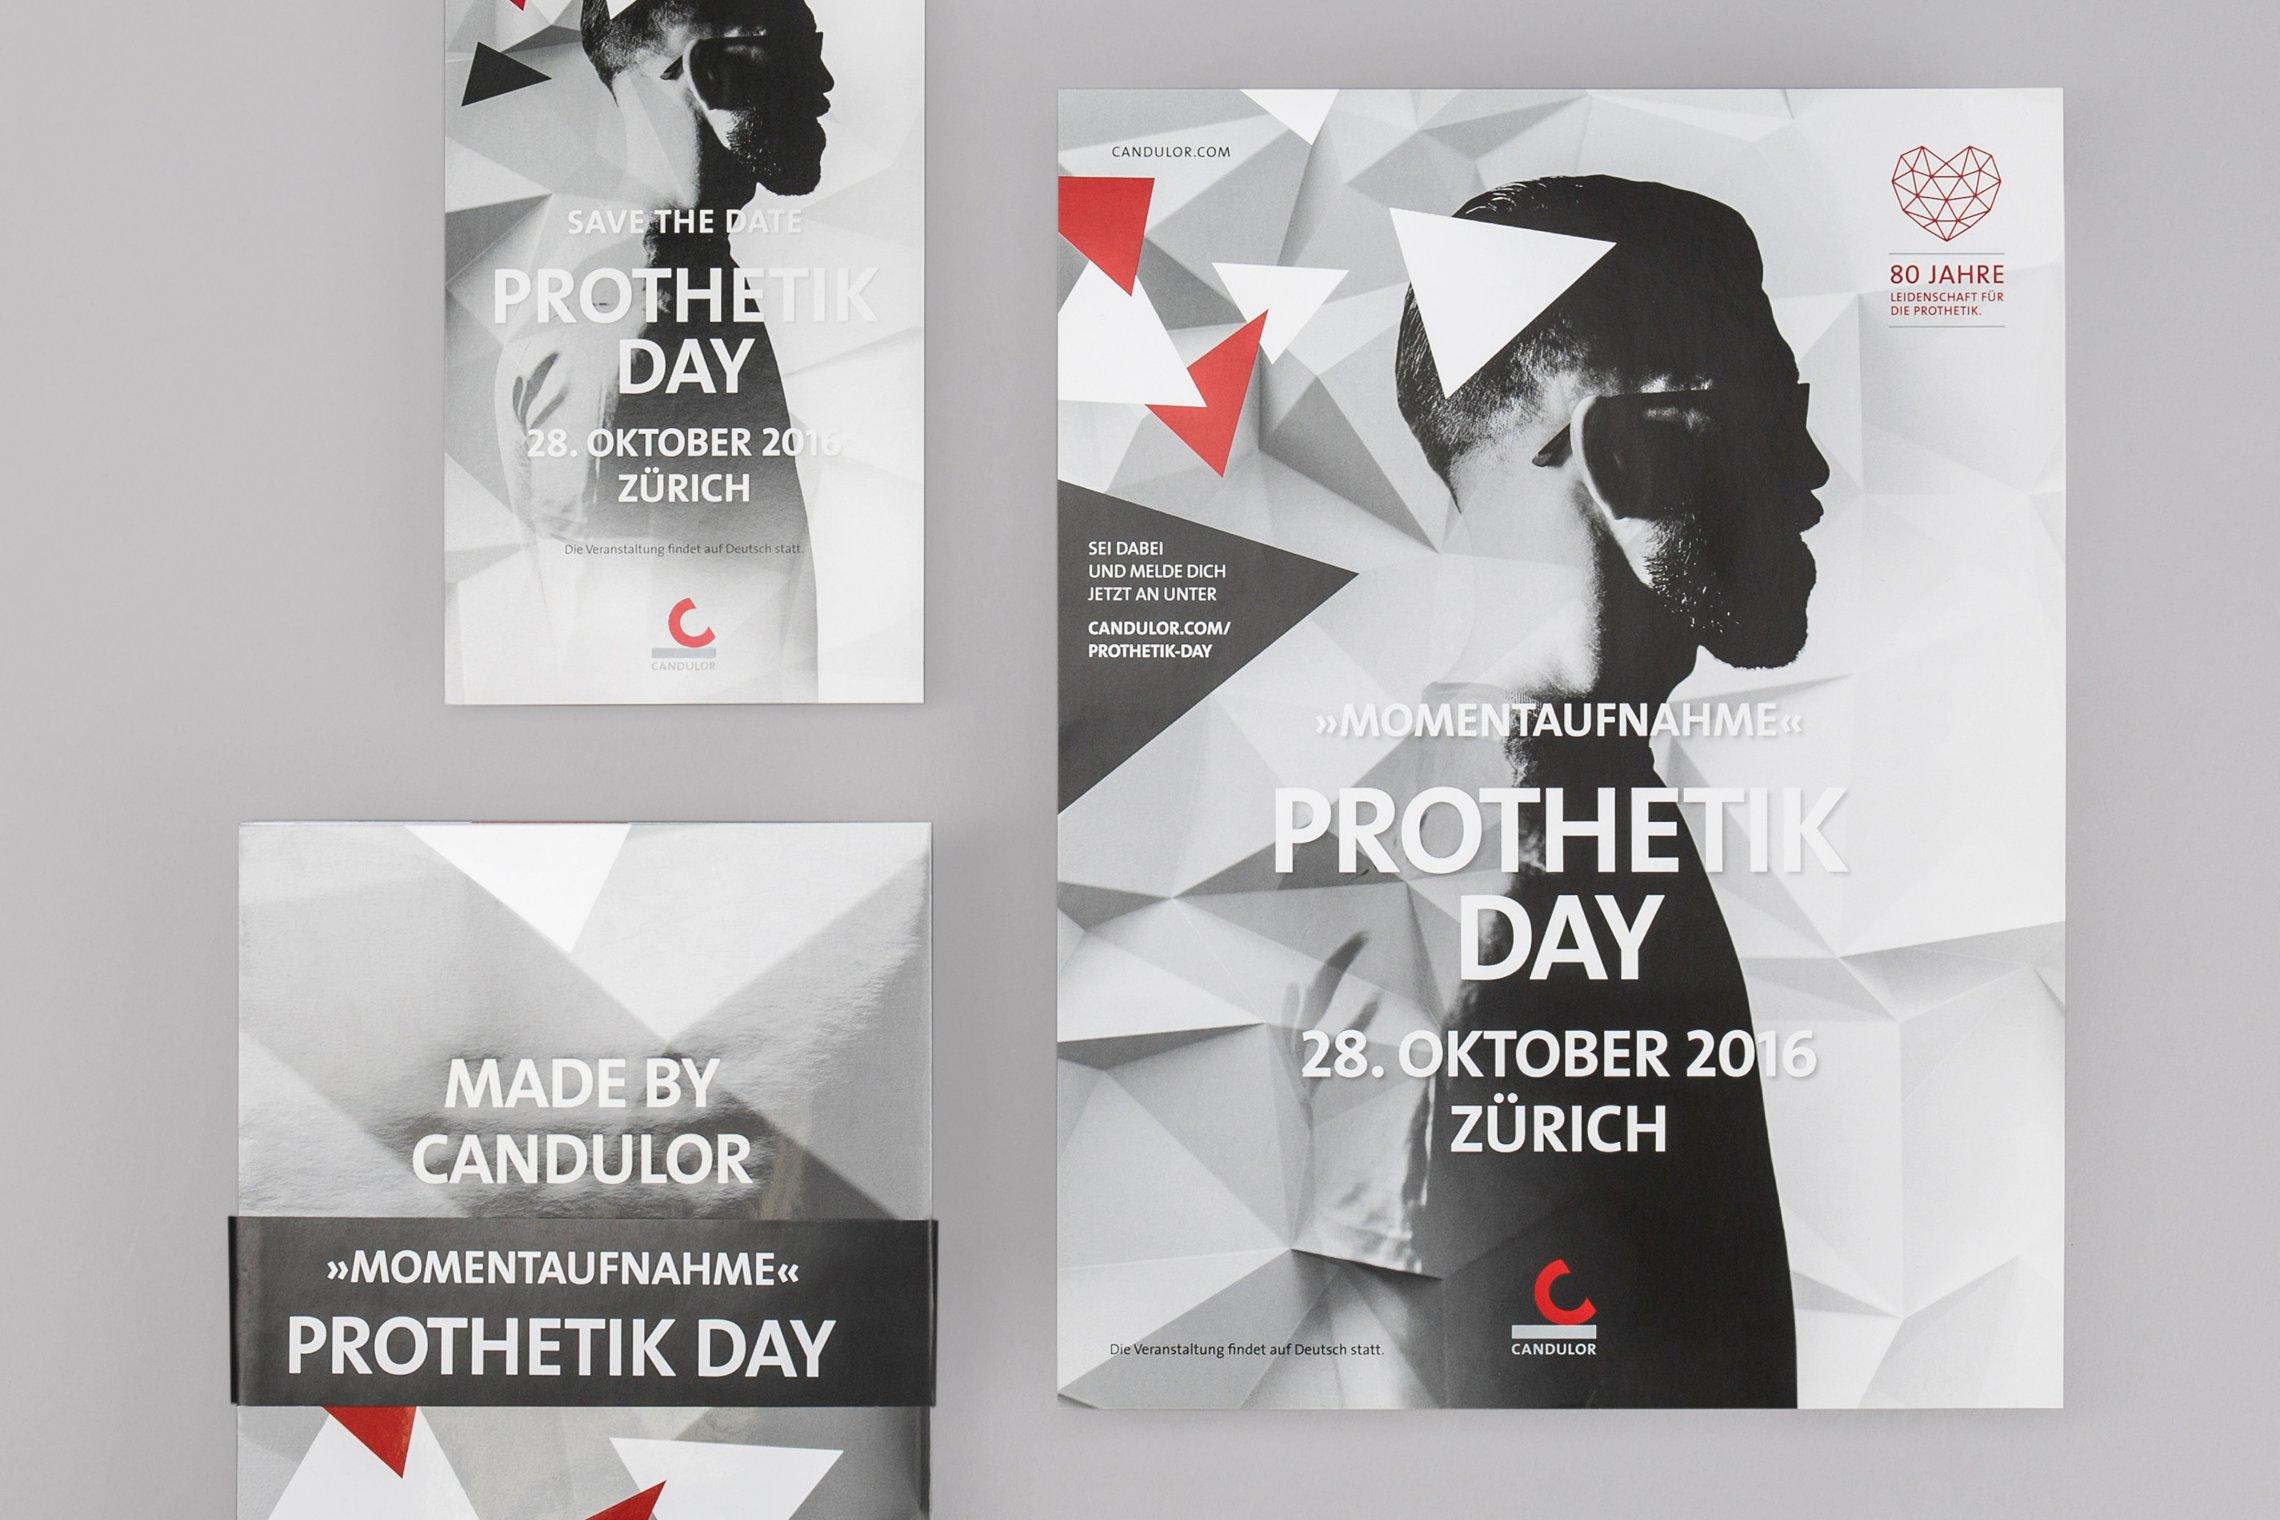 Prothetik Day